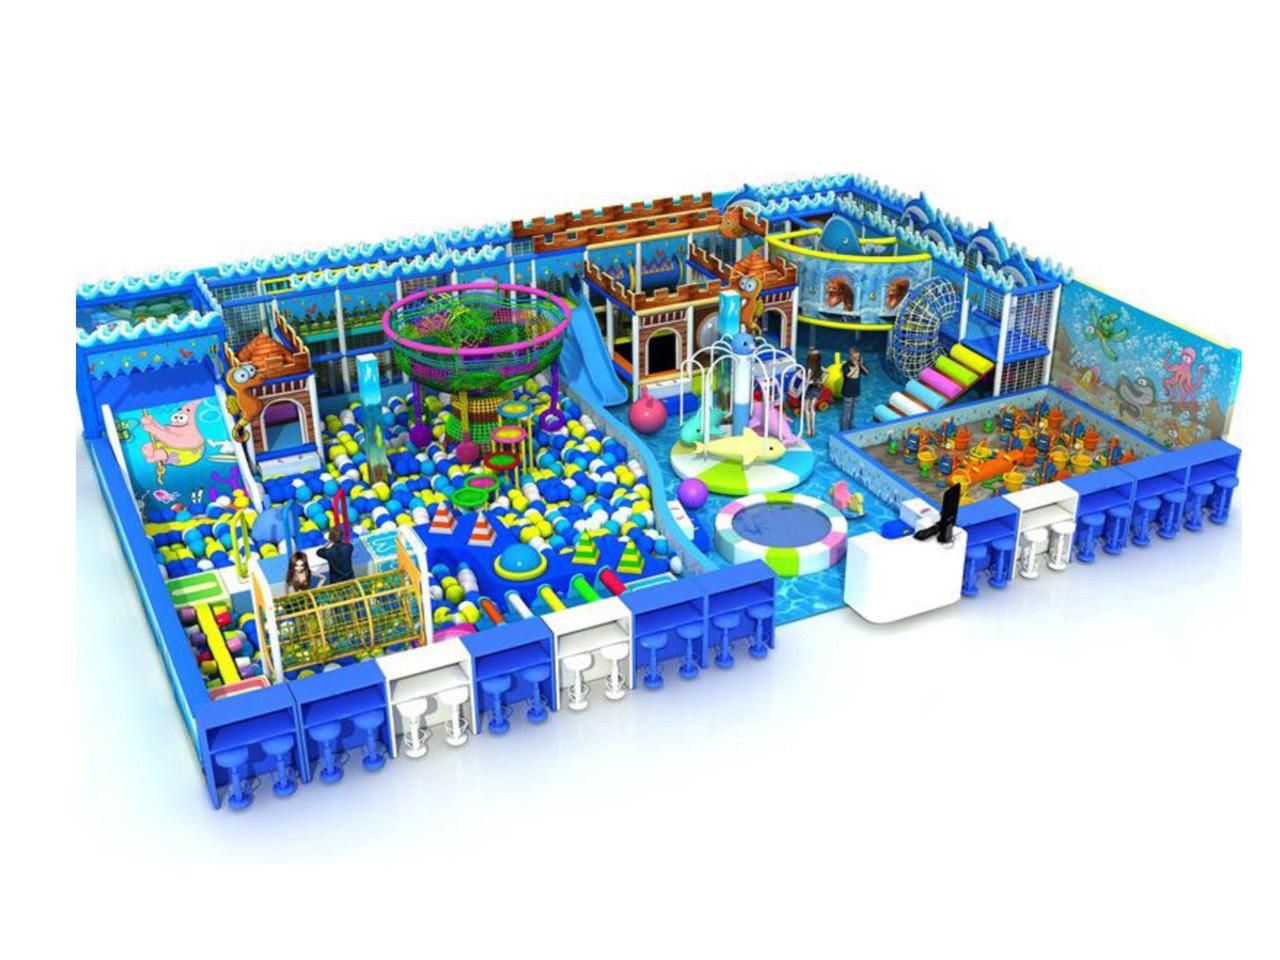 Khu vui chơi liên hoàn chủ đề biển xanh